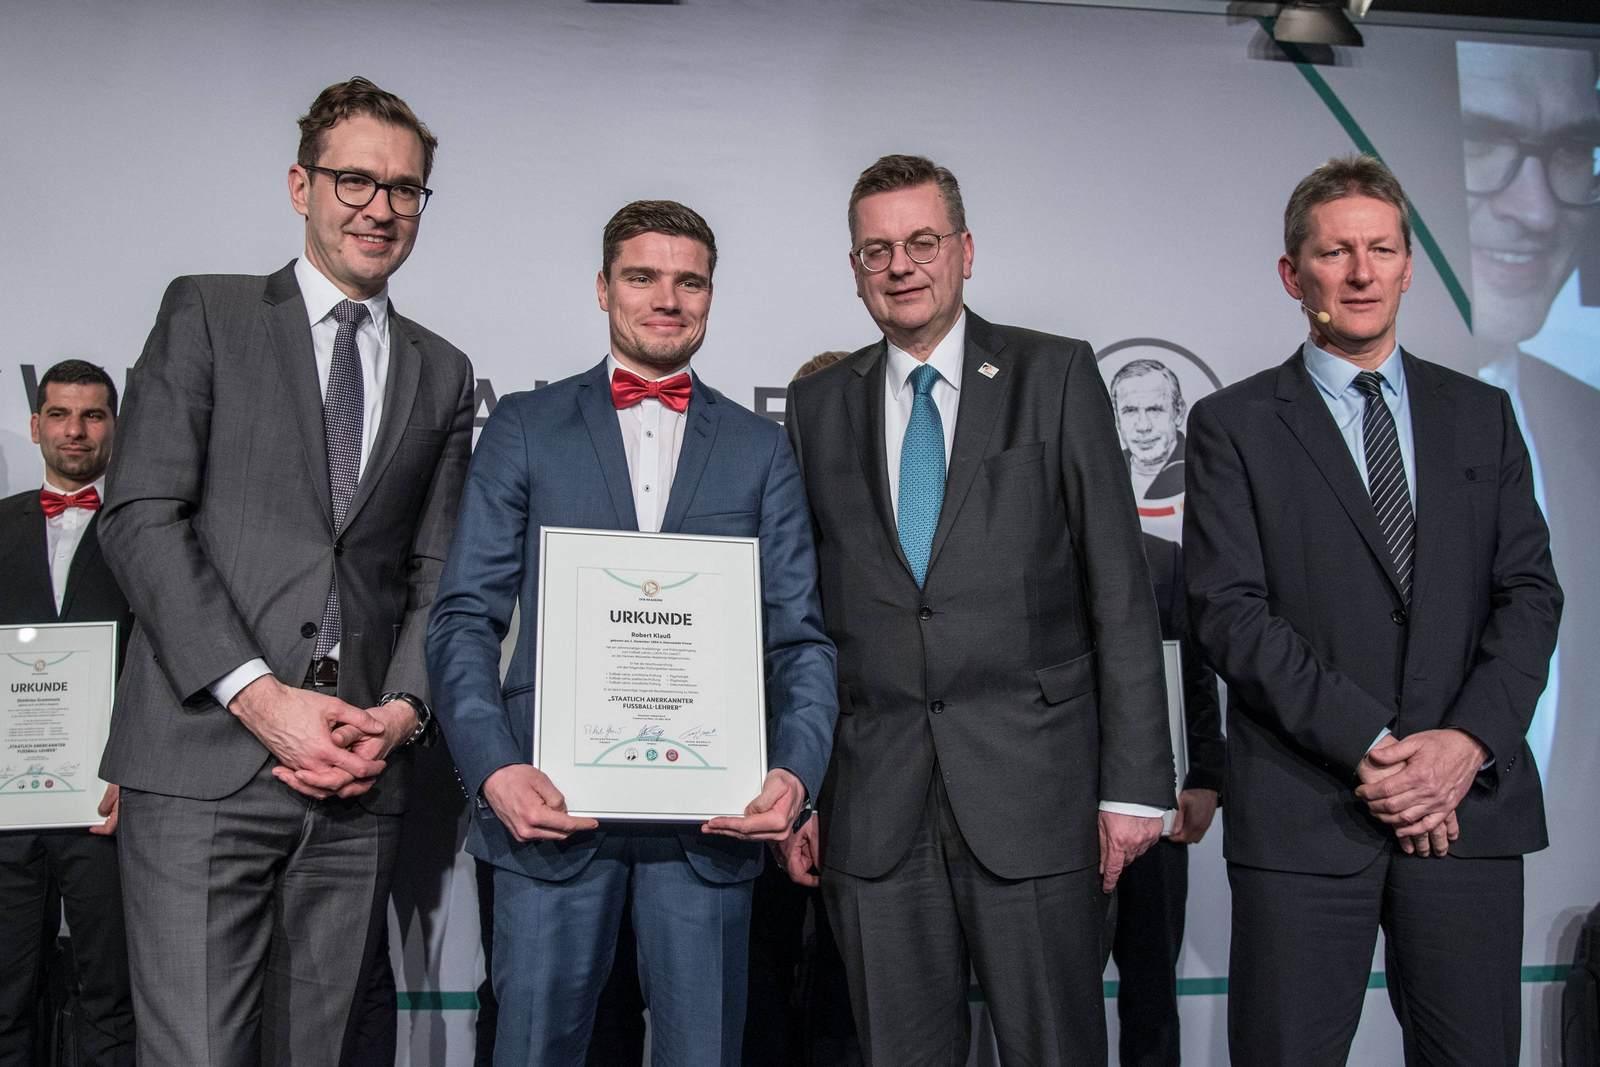 Friedrich Curtius, Robert Klauß, Reinhard Grindel, Frank Wormuth